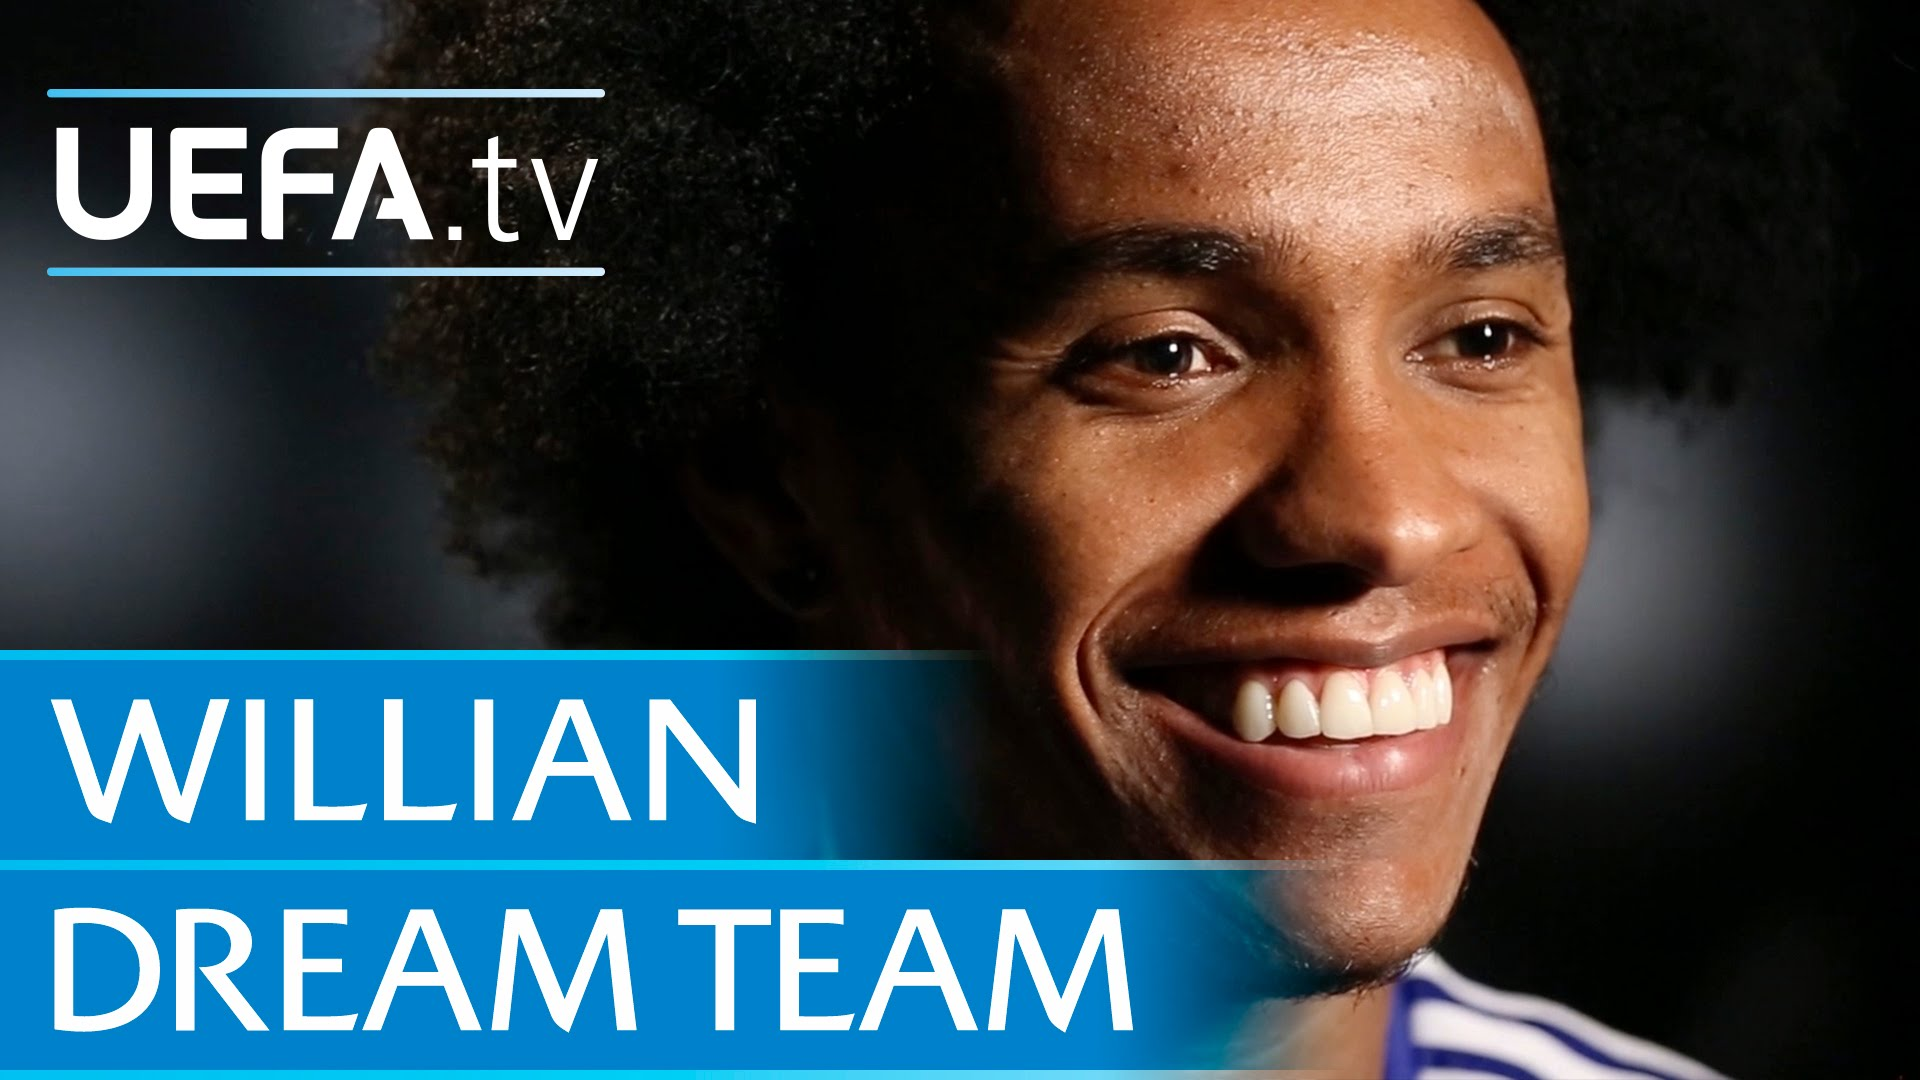 بالفيديو: ويليان يكشف عن تشكيلة أحلامه من خمسة لاعبين